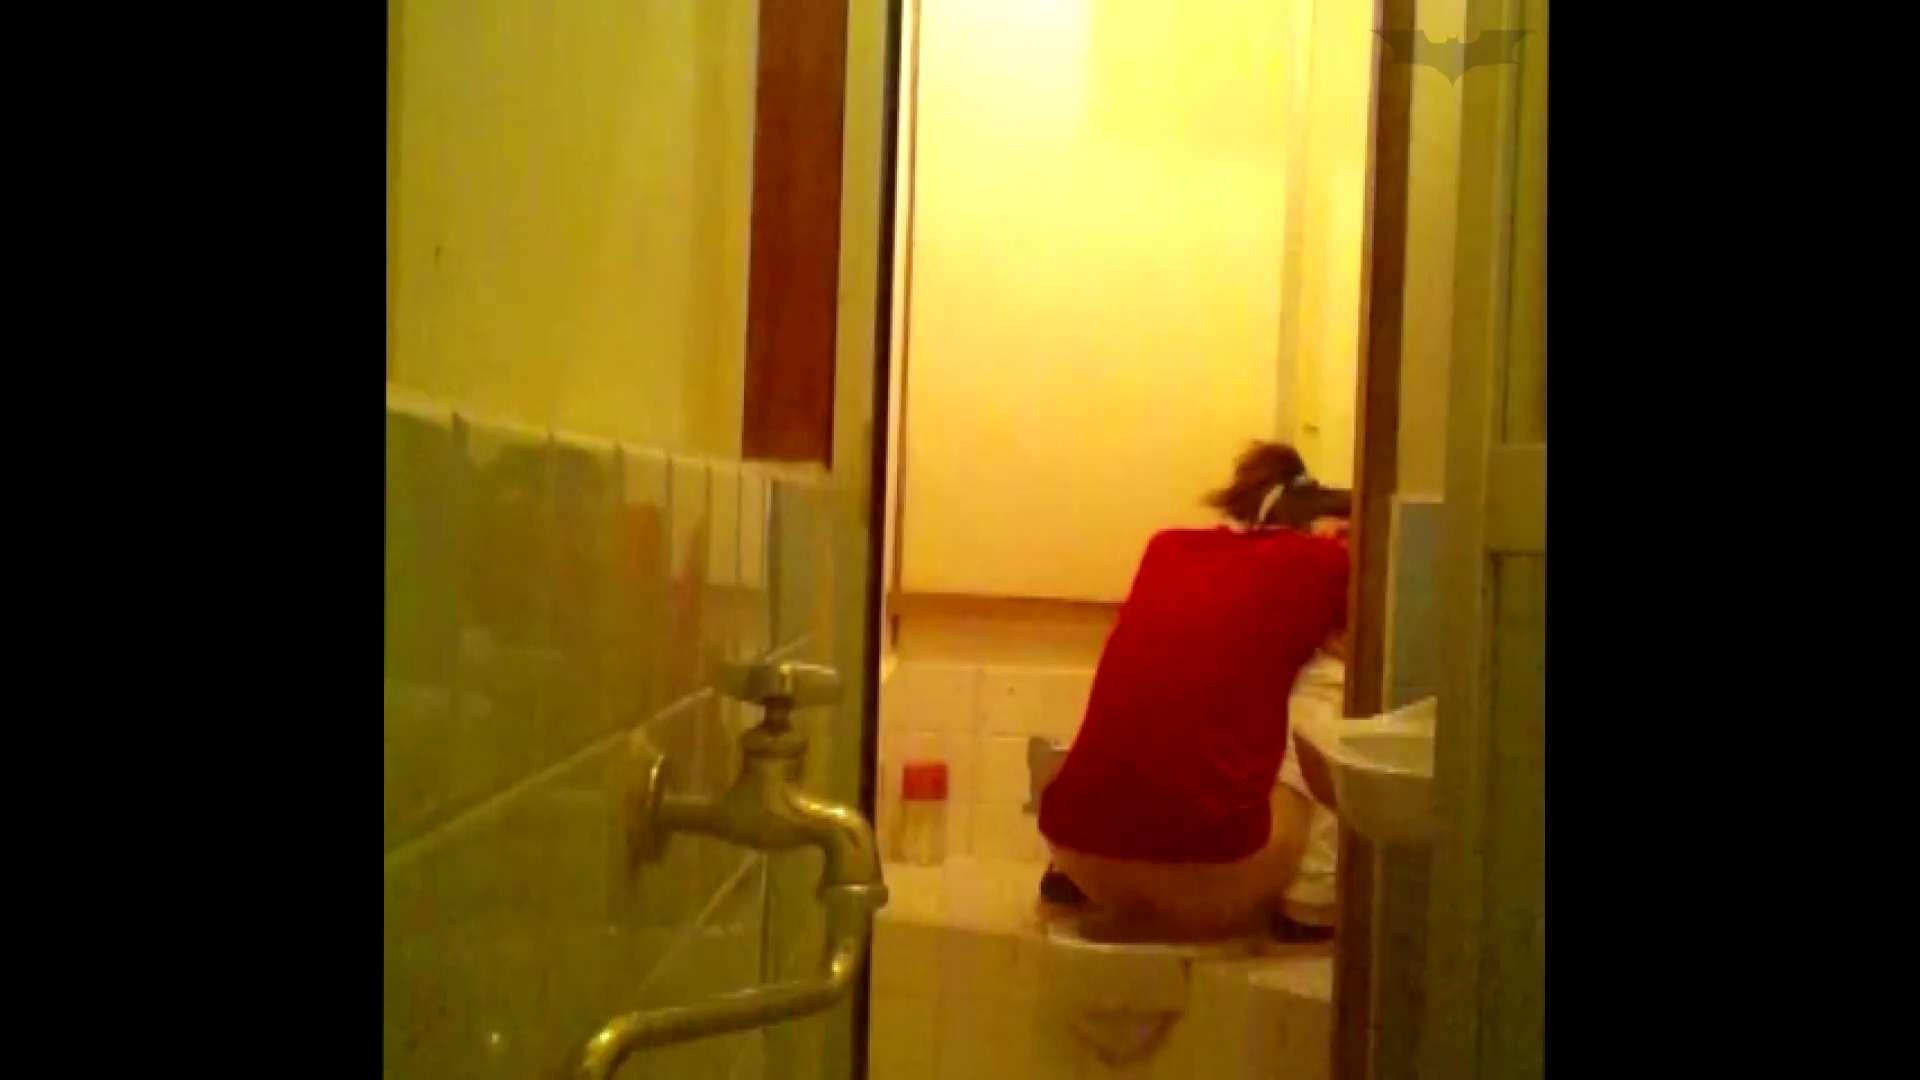 ▲2017_26位▲ うんこをたくさん集めました。トイレの神様 Vol.12 トイレ  93pic 27